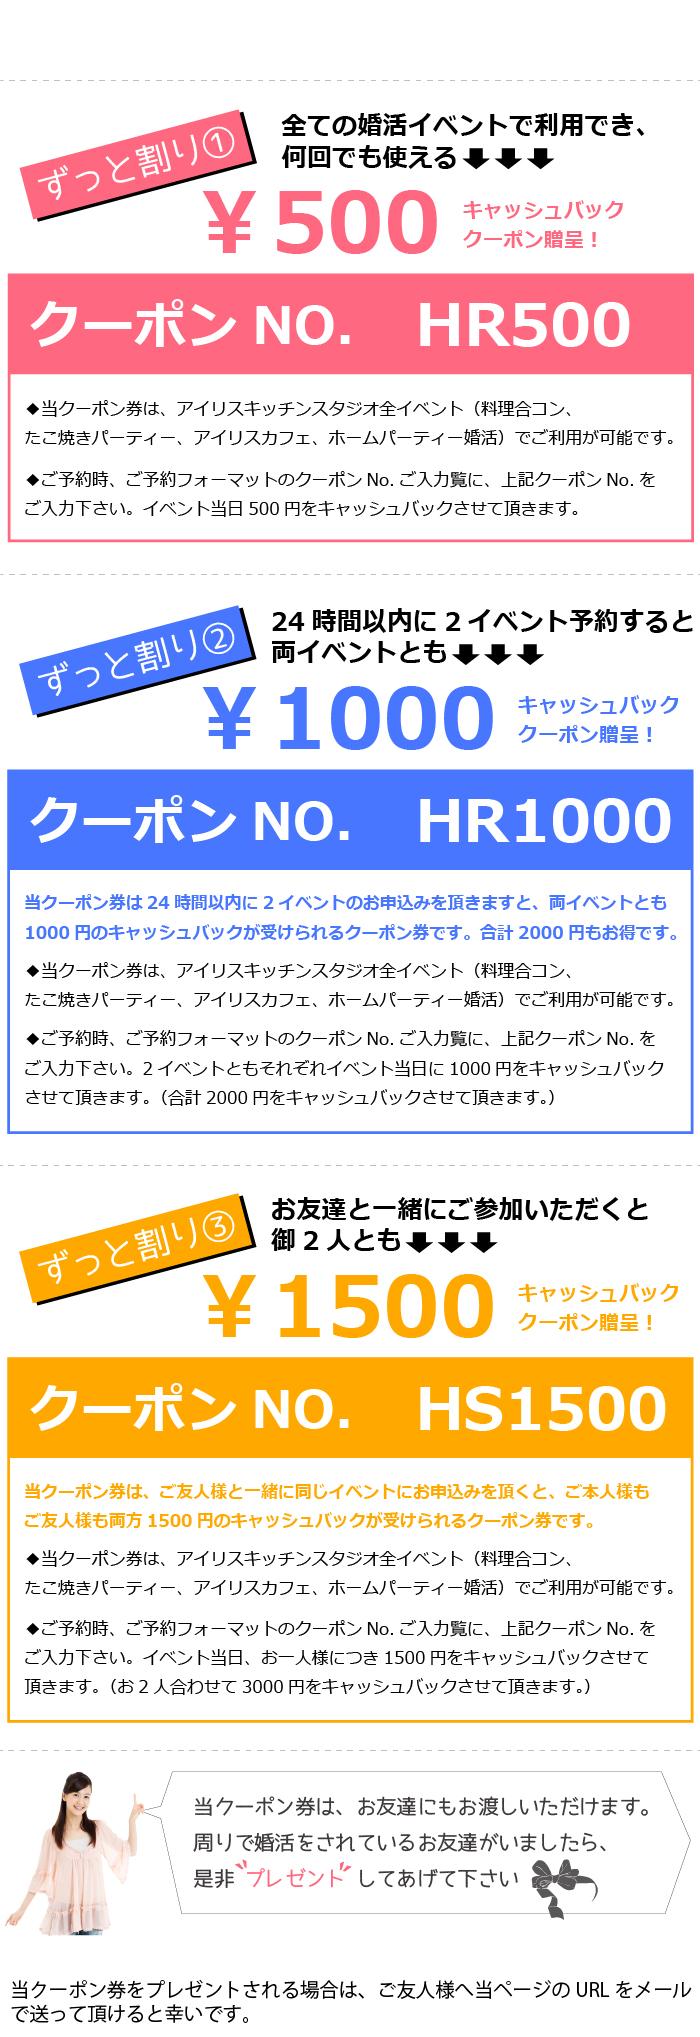 リピーター様限定 500円~1500円キャッシュバッククーポン